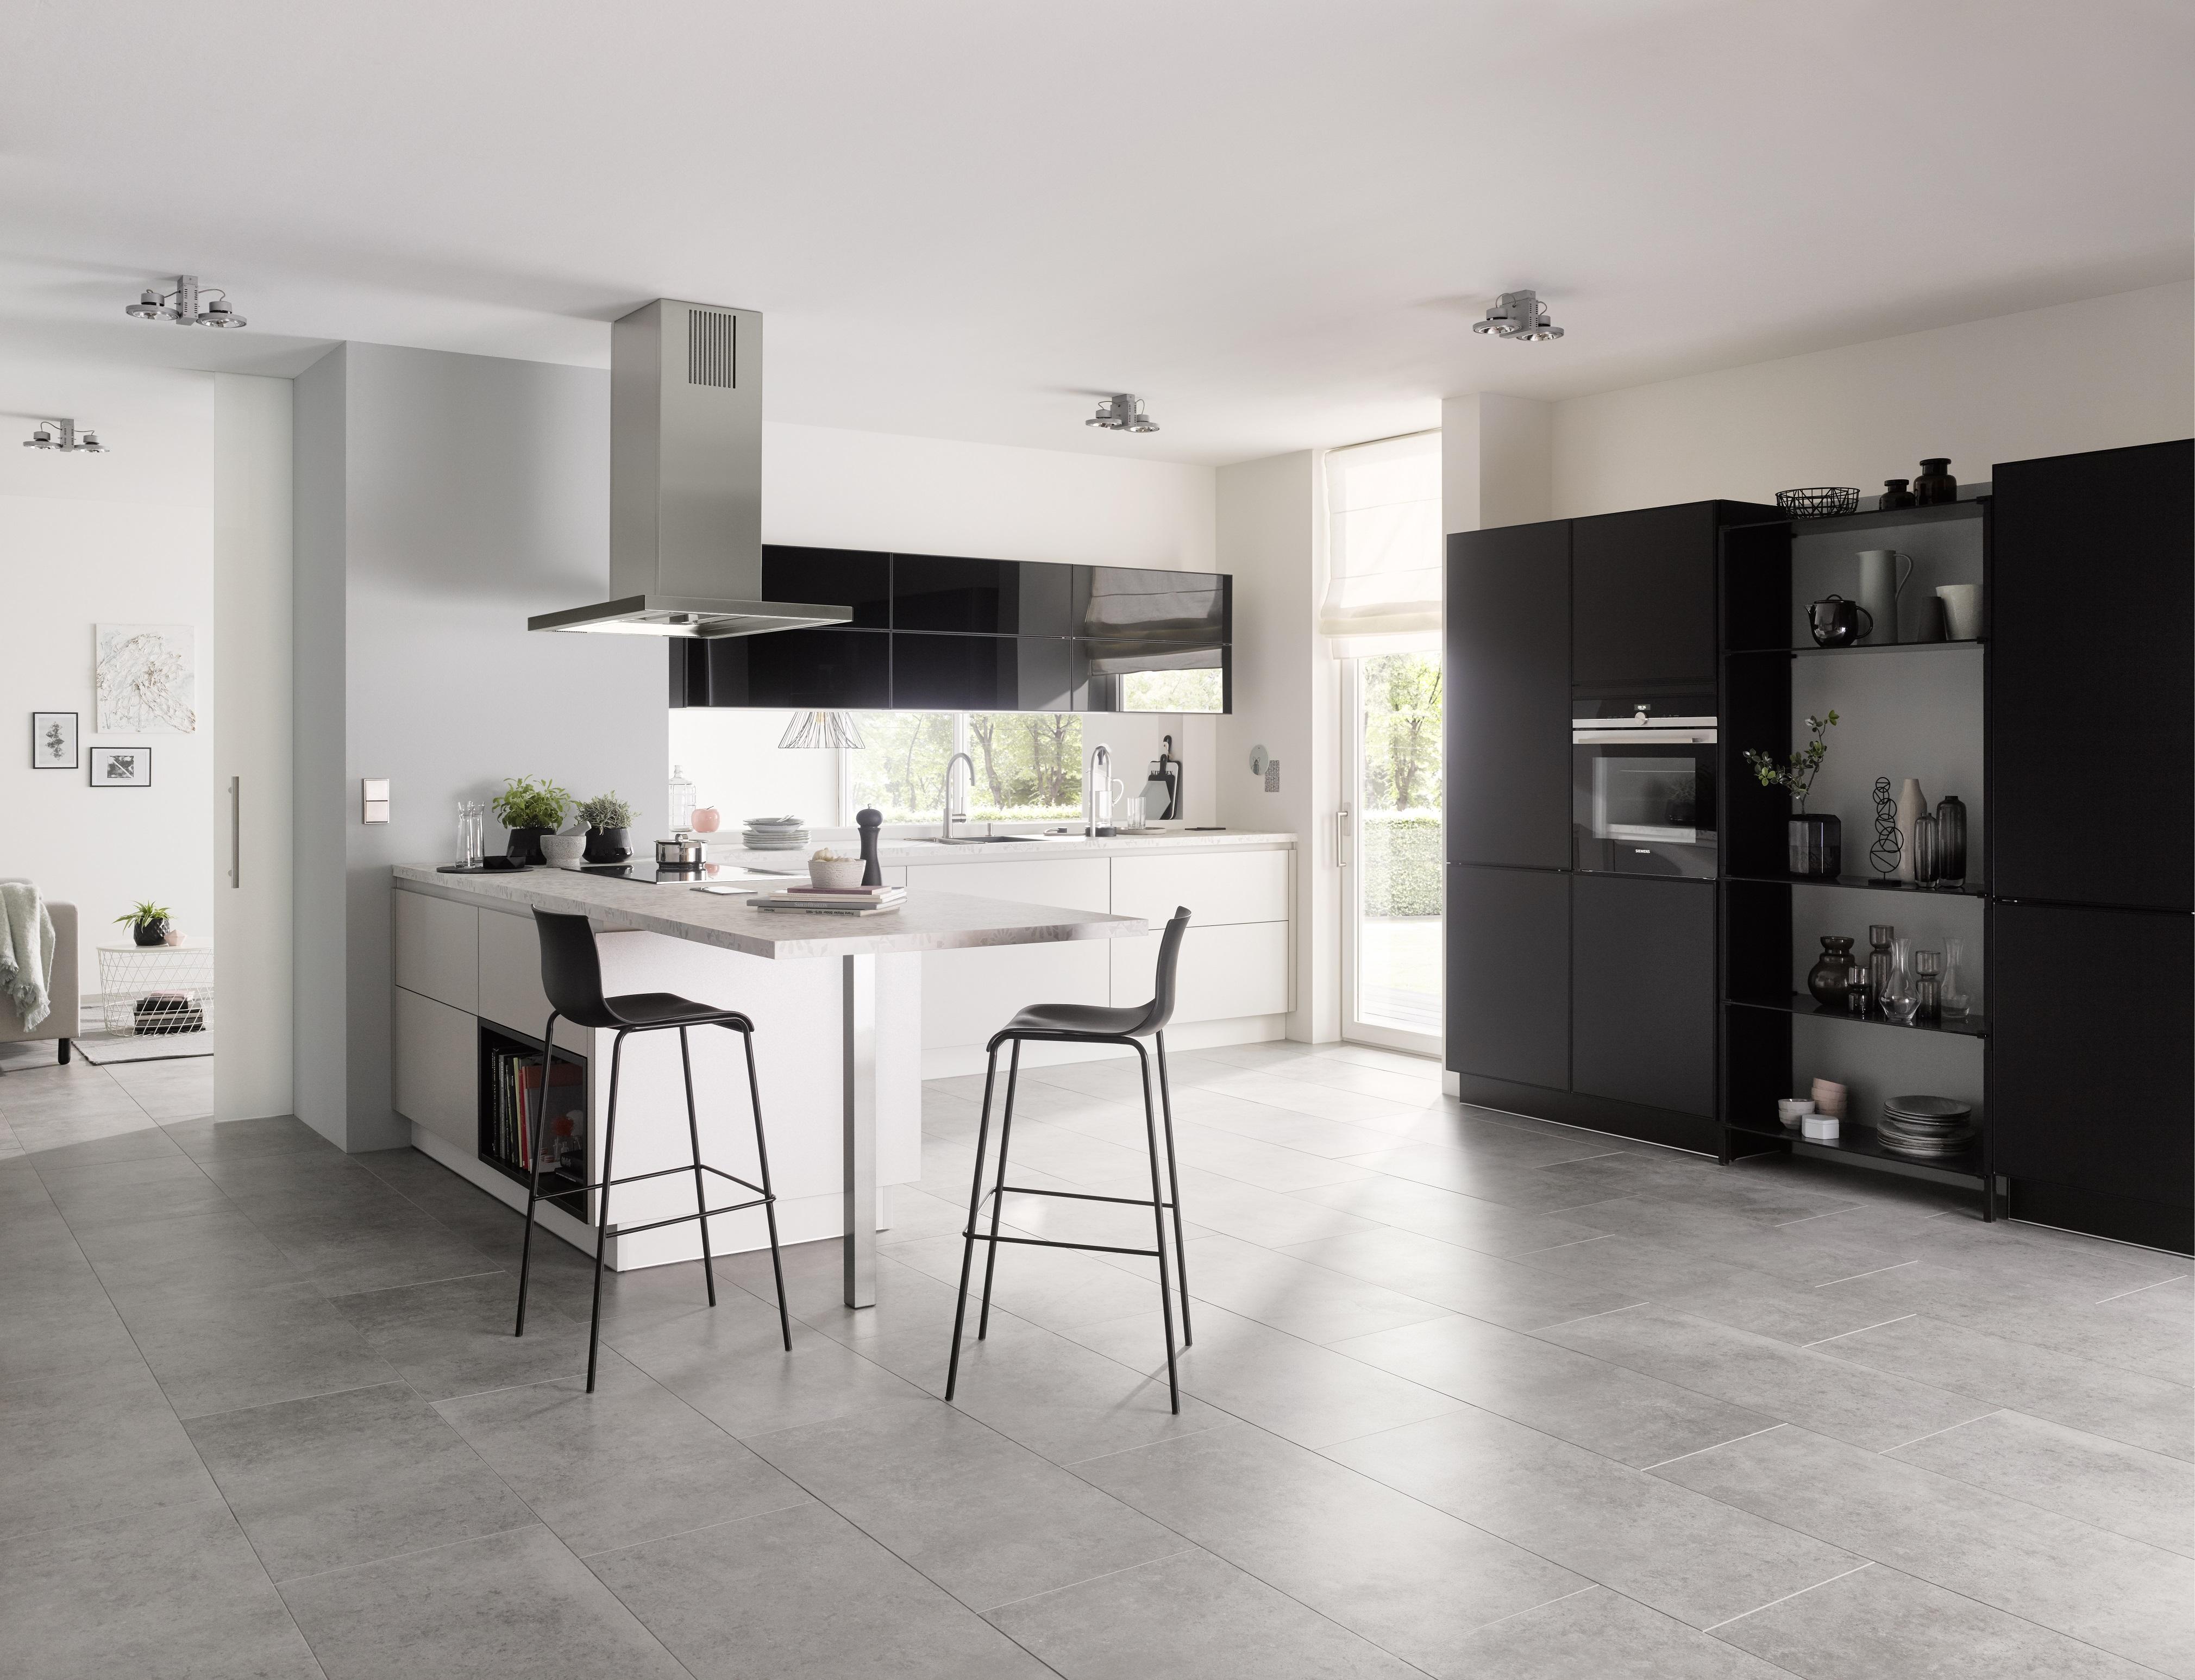 Dunstabzüge <text-small>von berbel<text-small> für beste Luft in der Küche - Teil II